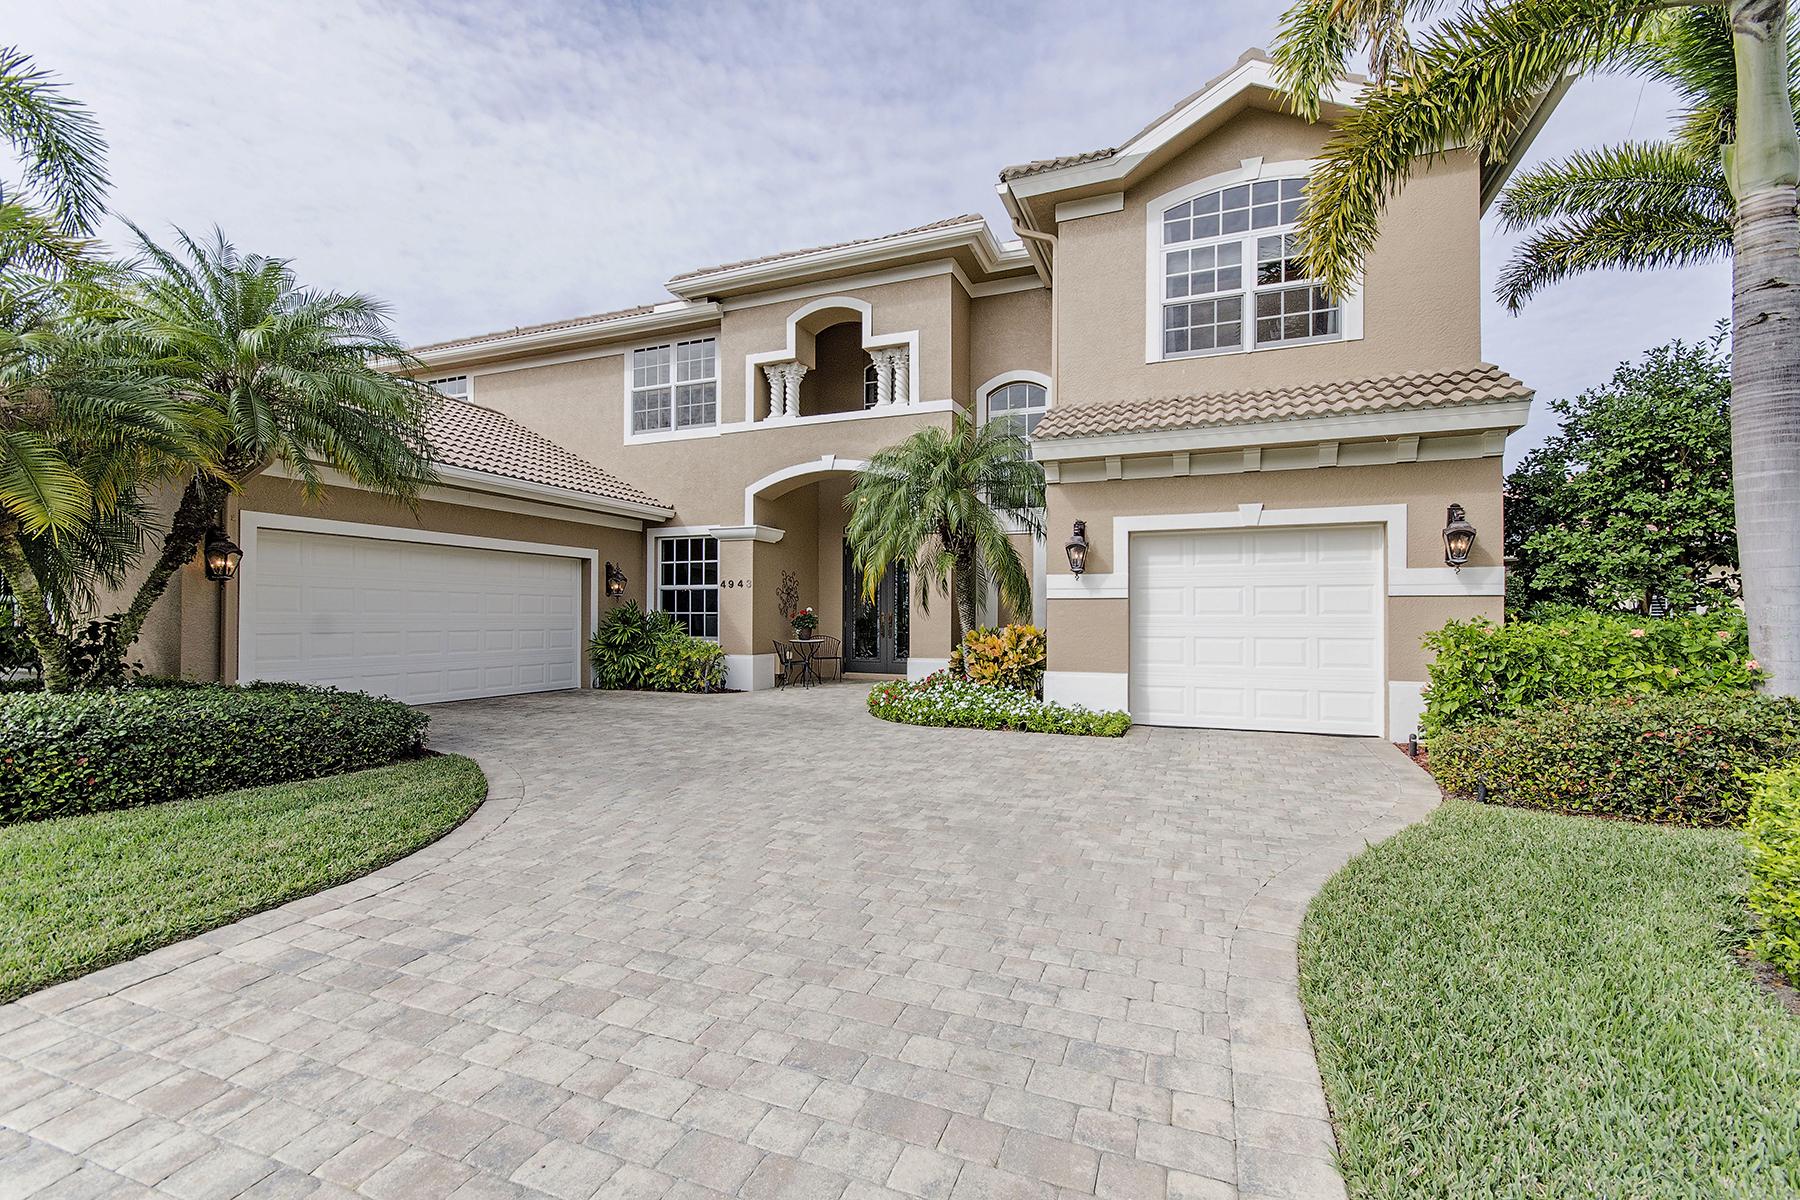 Maison unifamiliale pour l Vente à 4943 Rustic Oaks Cir , Naples, FL 34105 4943 Rustic Oaks Cir Naples, Florida 34105 États-Unis